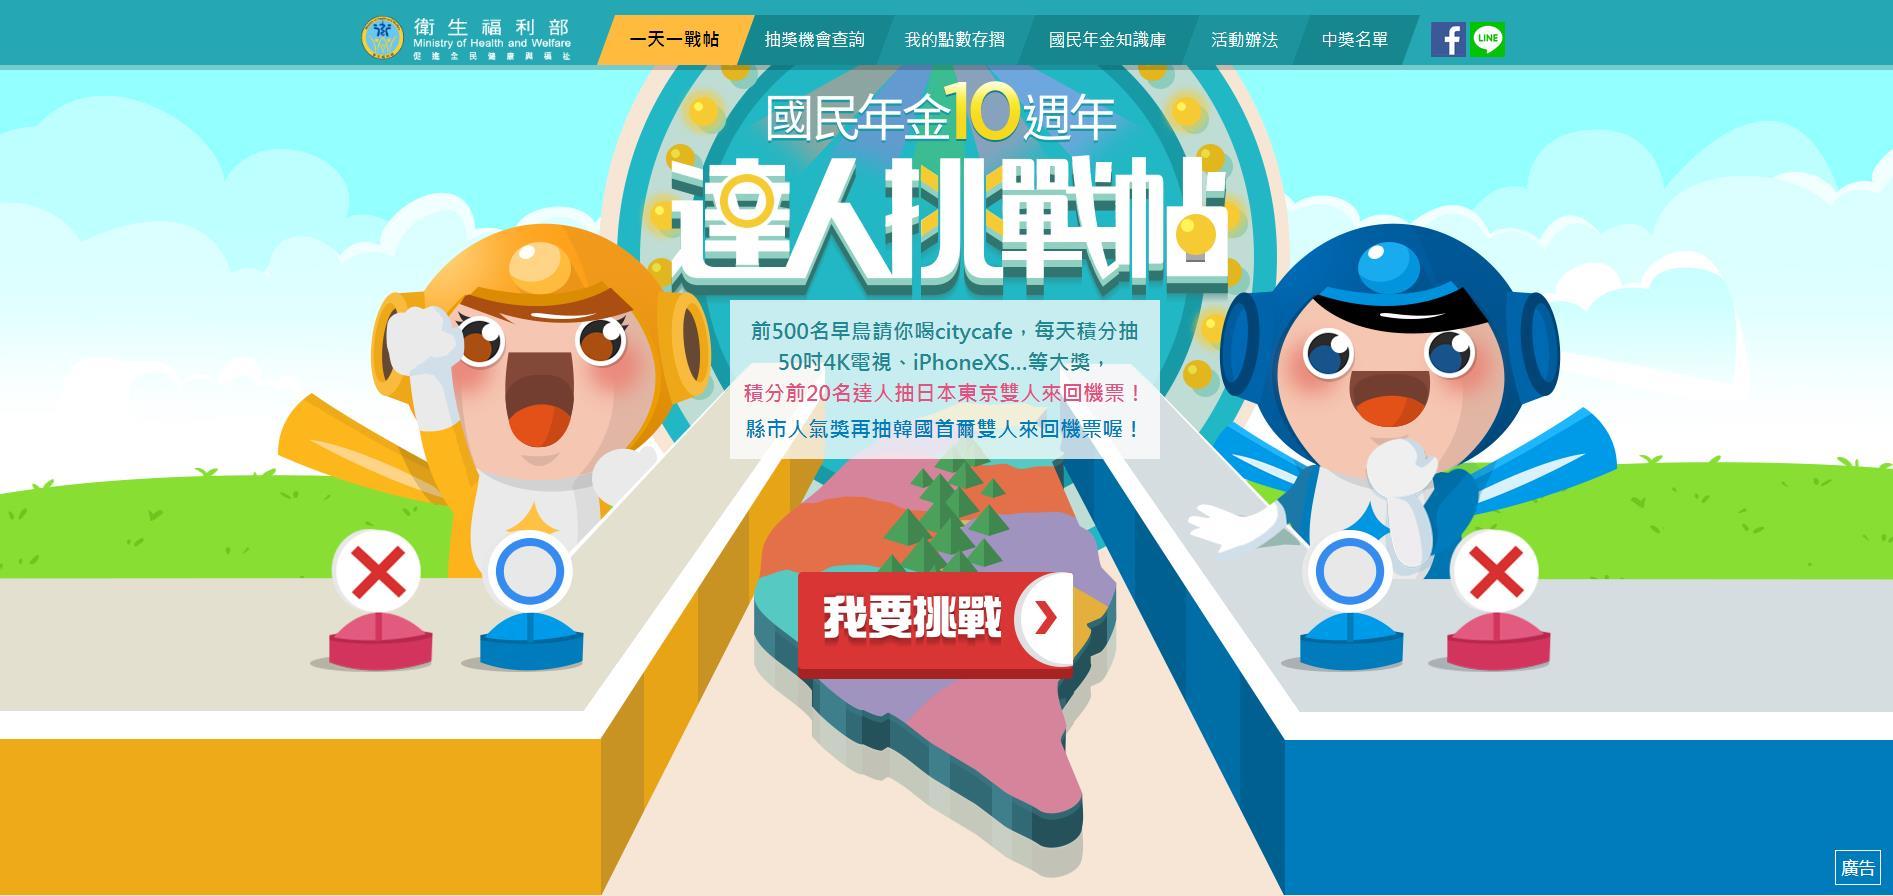 「國民年金10週年達人挑戰帖」網路遊戲活動